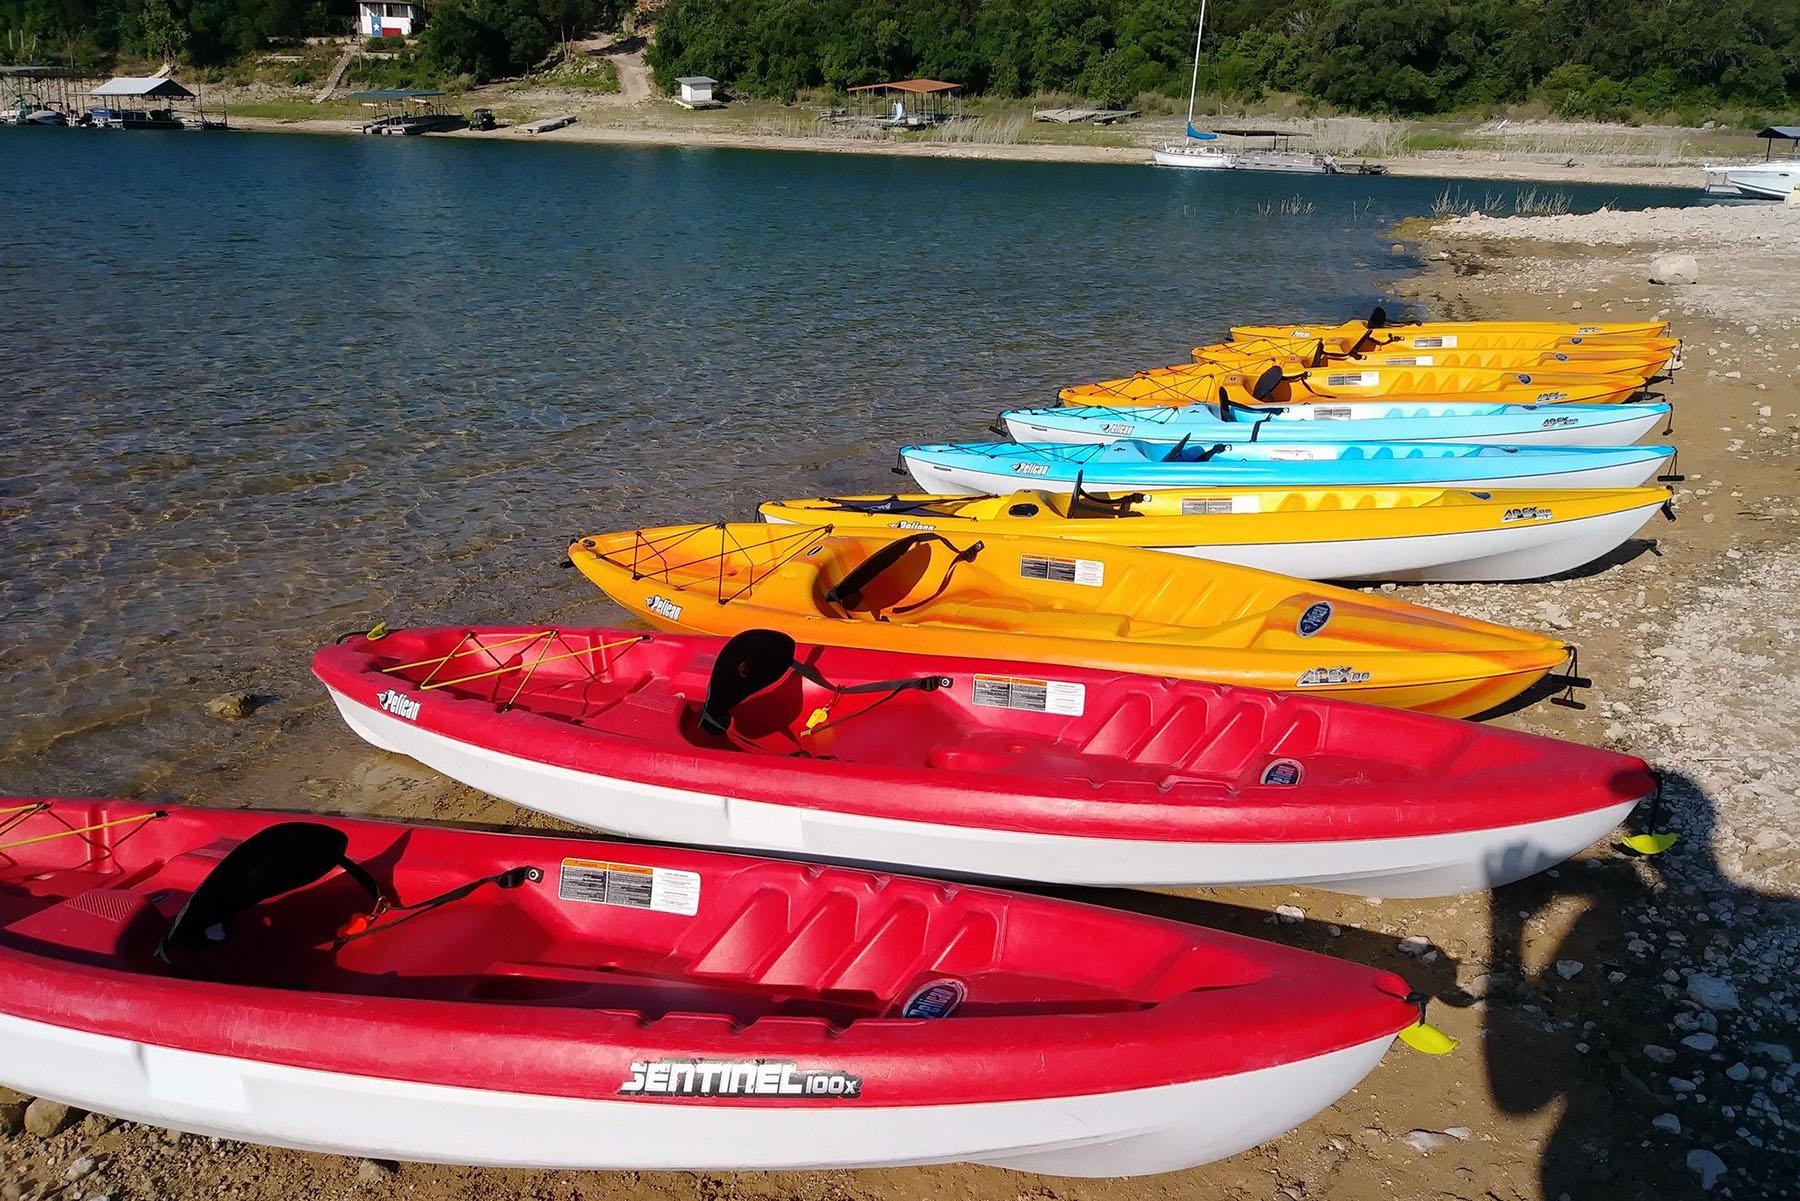 Just some of the fleet at Viking Ship Kayak Rentals on Lake Travis.